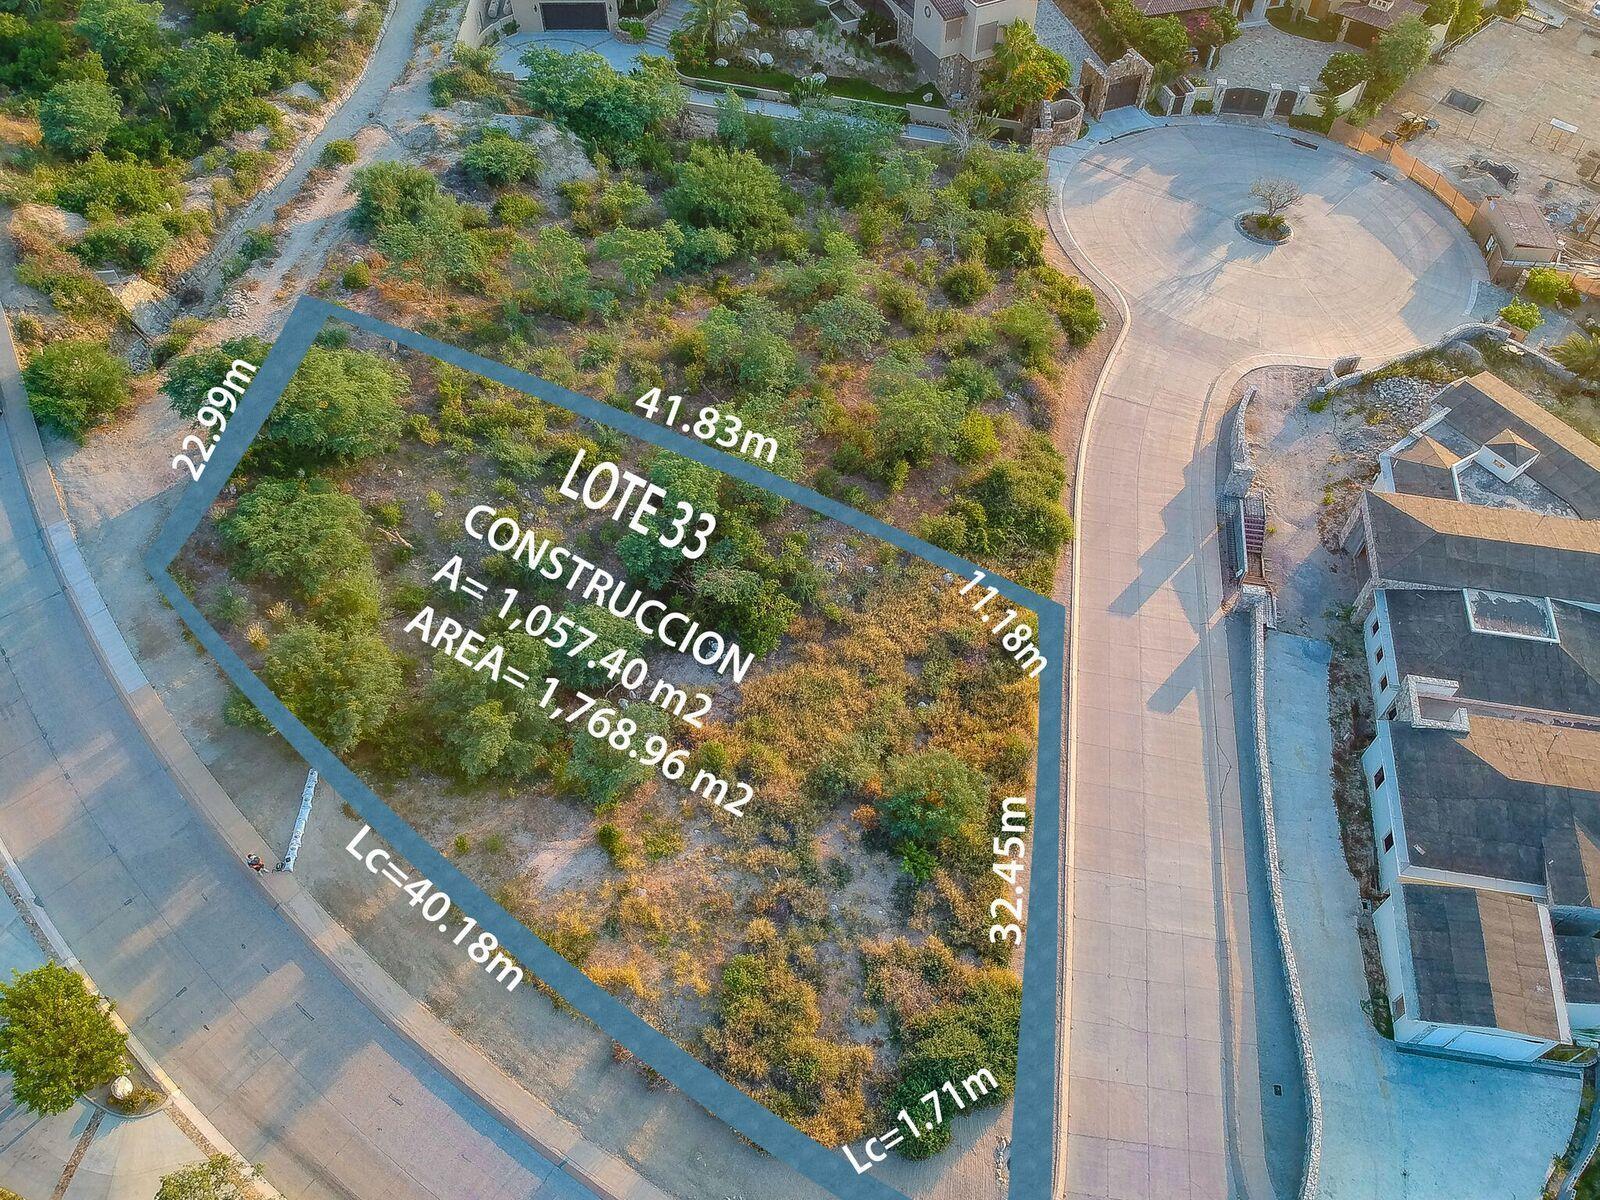 San Jose Corridor, ,Land,For Sale,Colinas 33, Querencia,18-1781